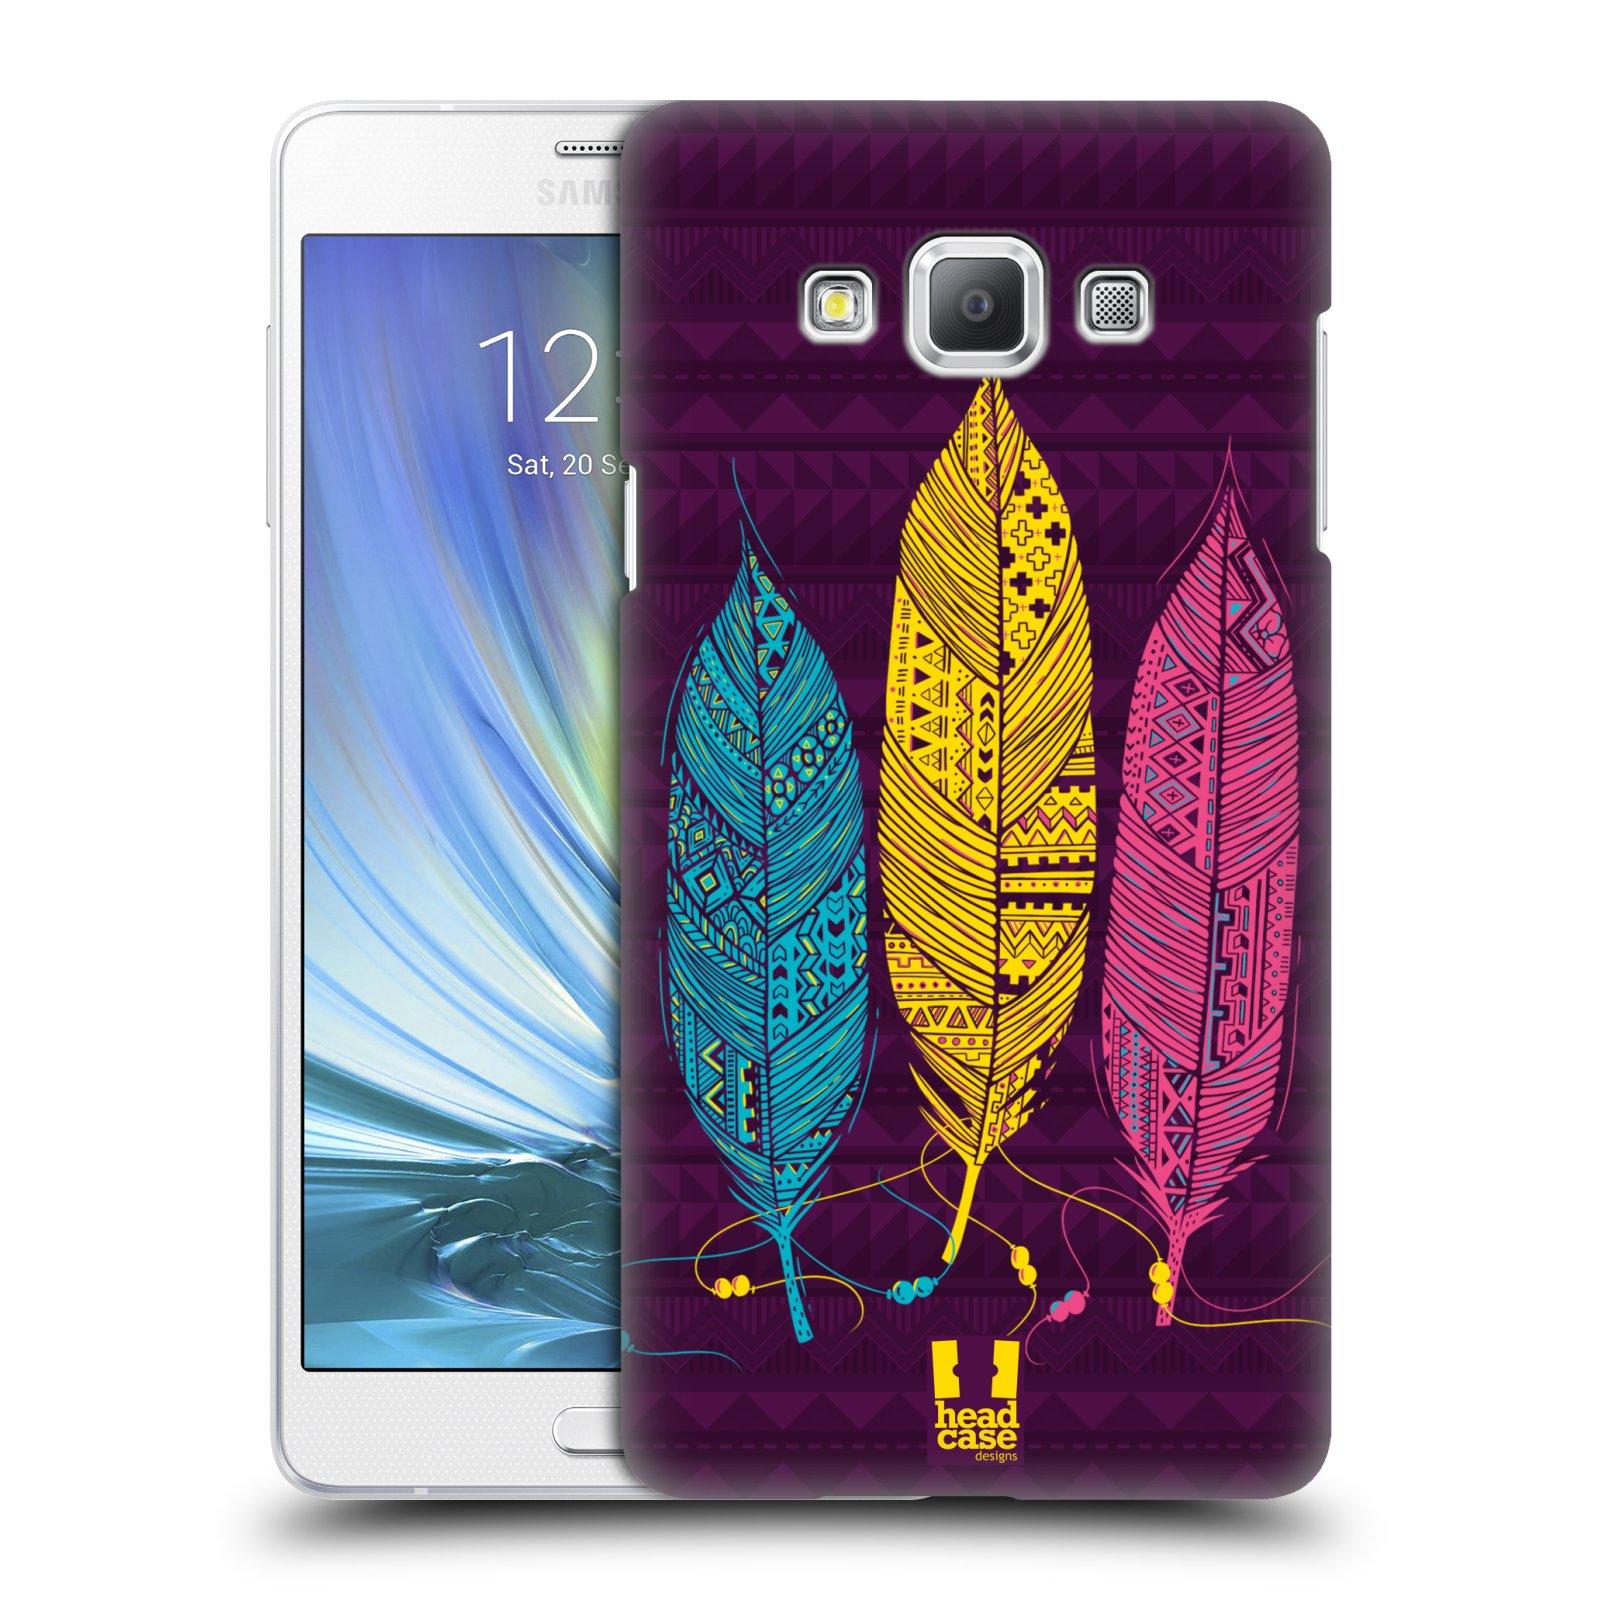 HEAD CASE plastový obal na mobil SAMSUNG GALAXY A7 vzor Aztécká pírka žlutá, modrá, růžová